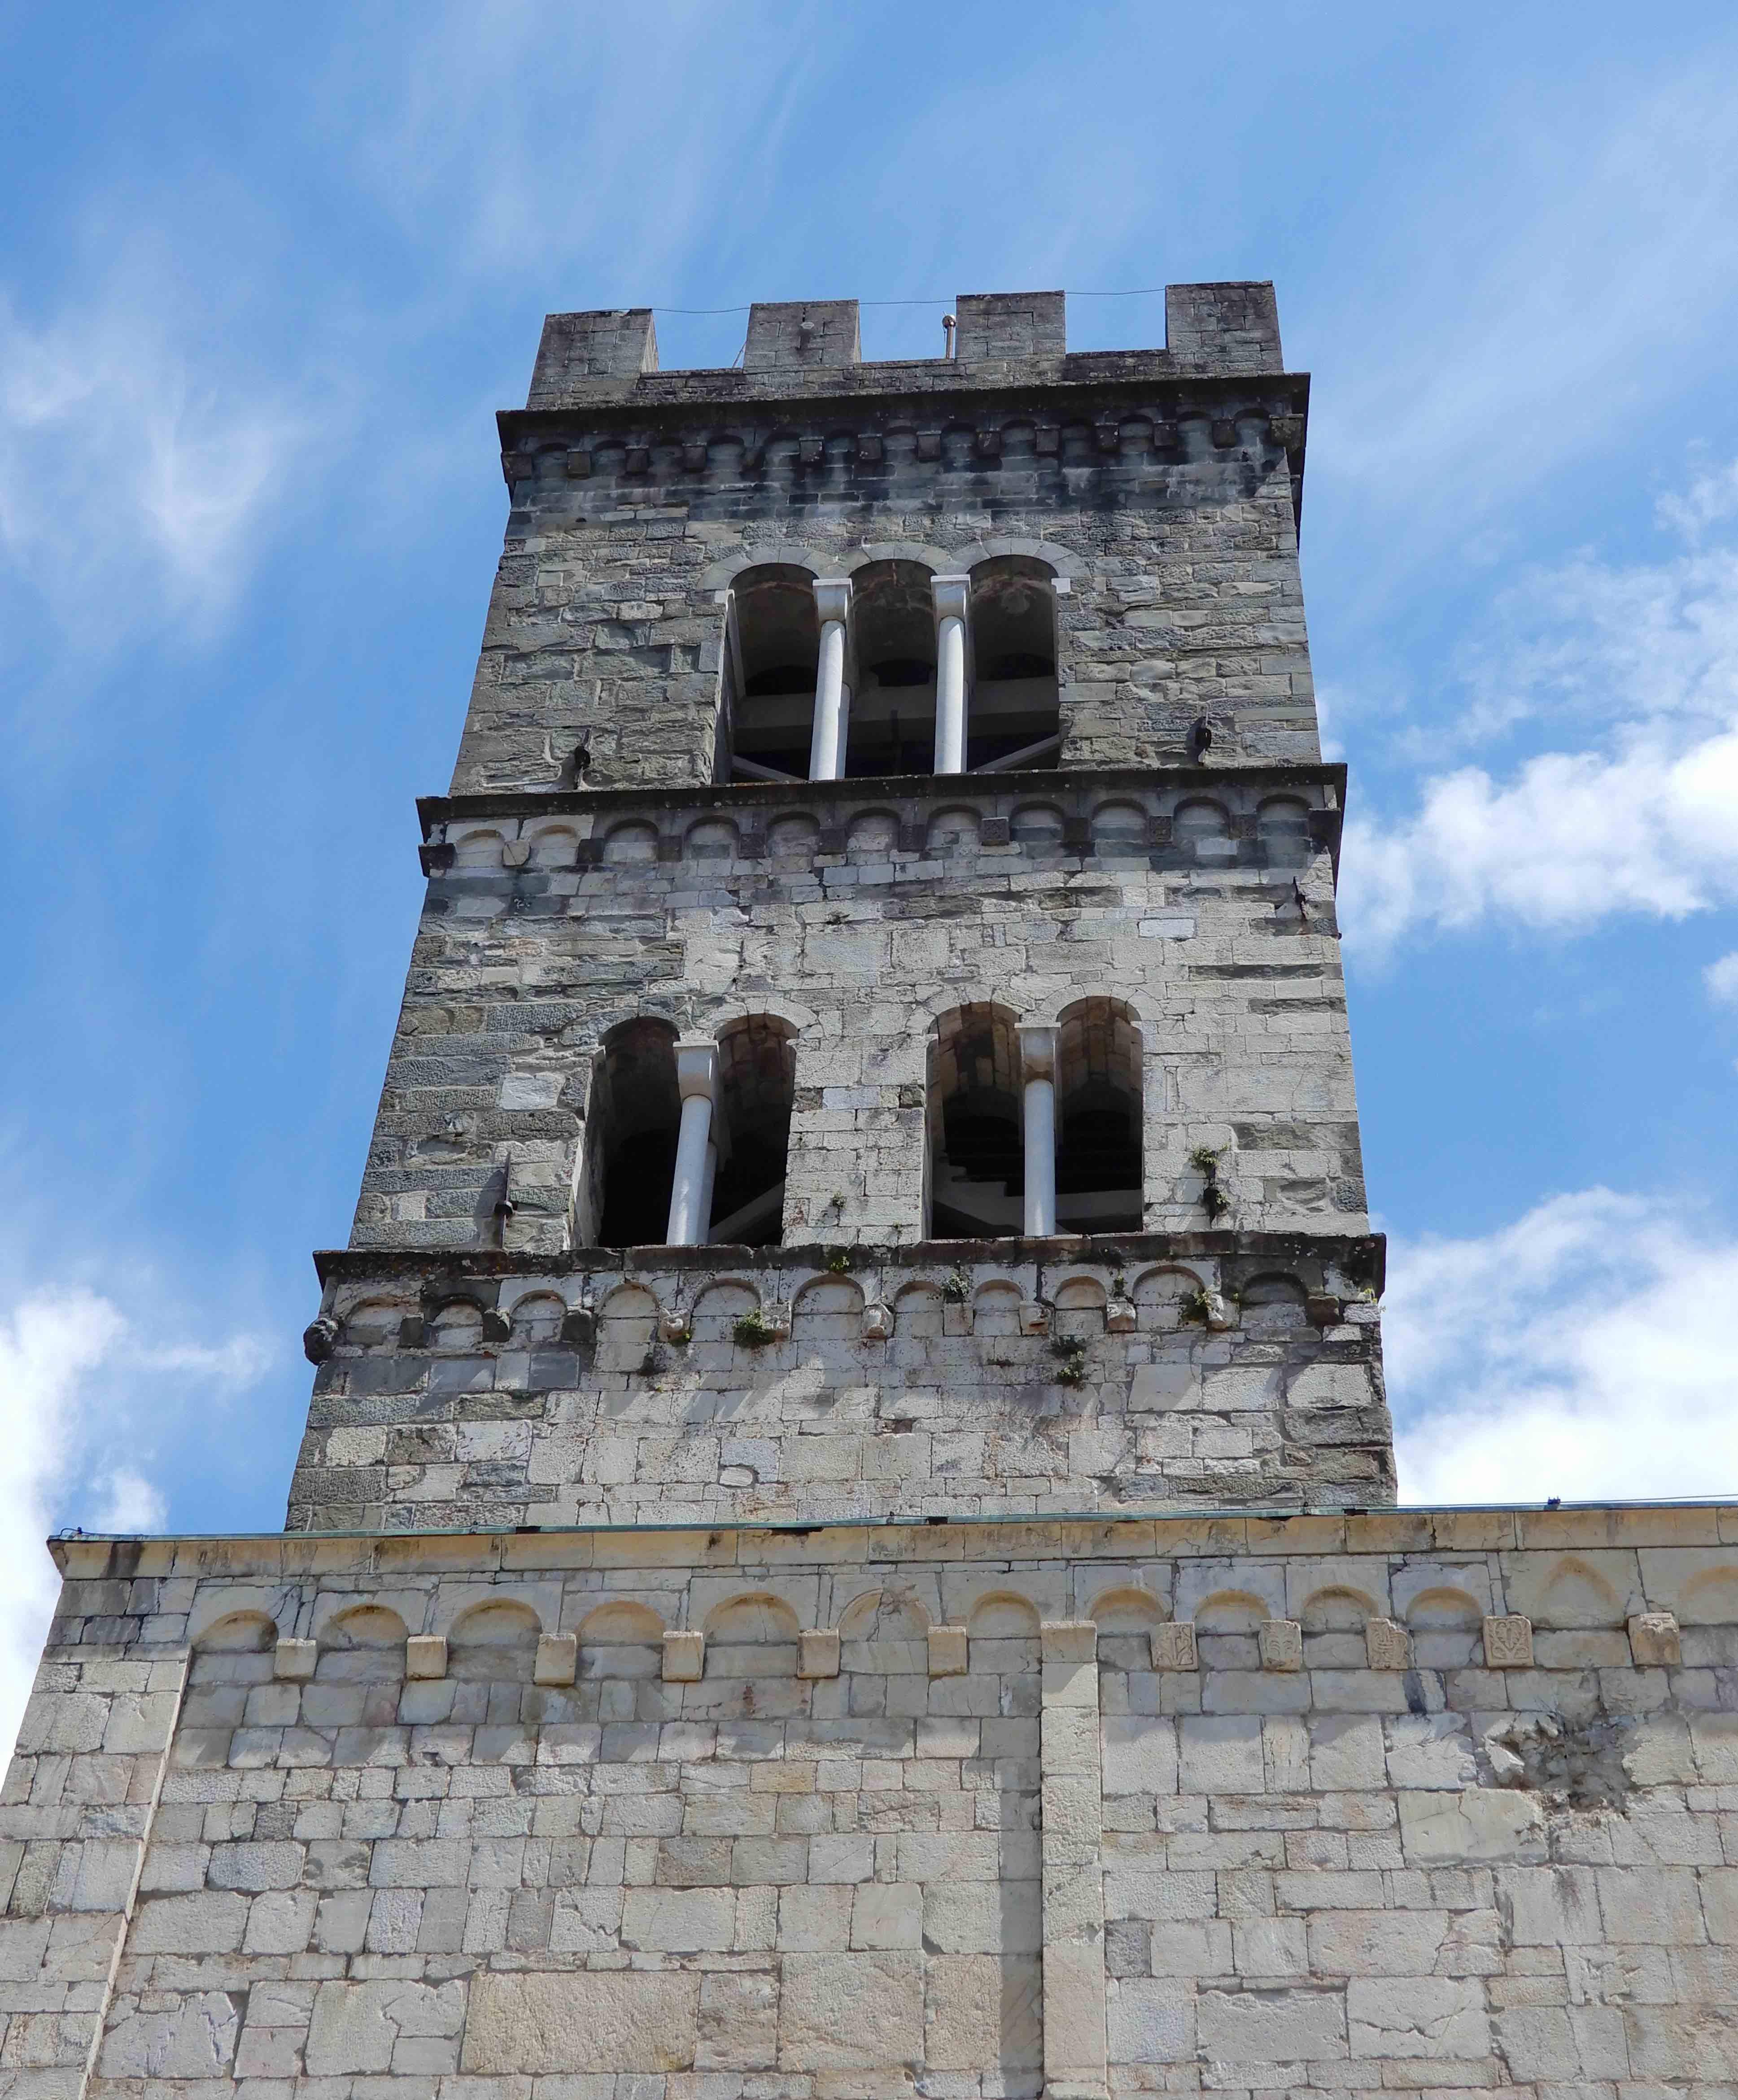 4.Belltower